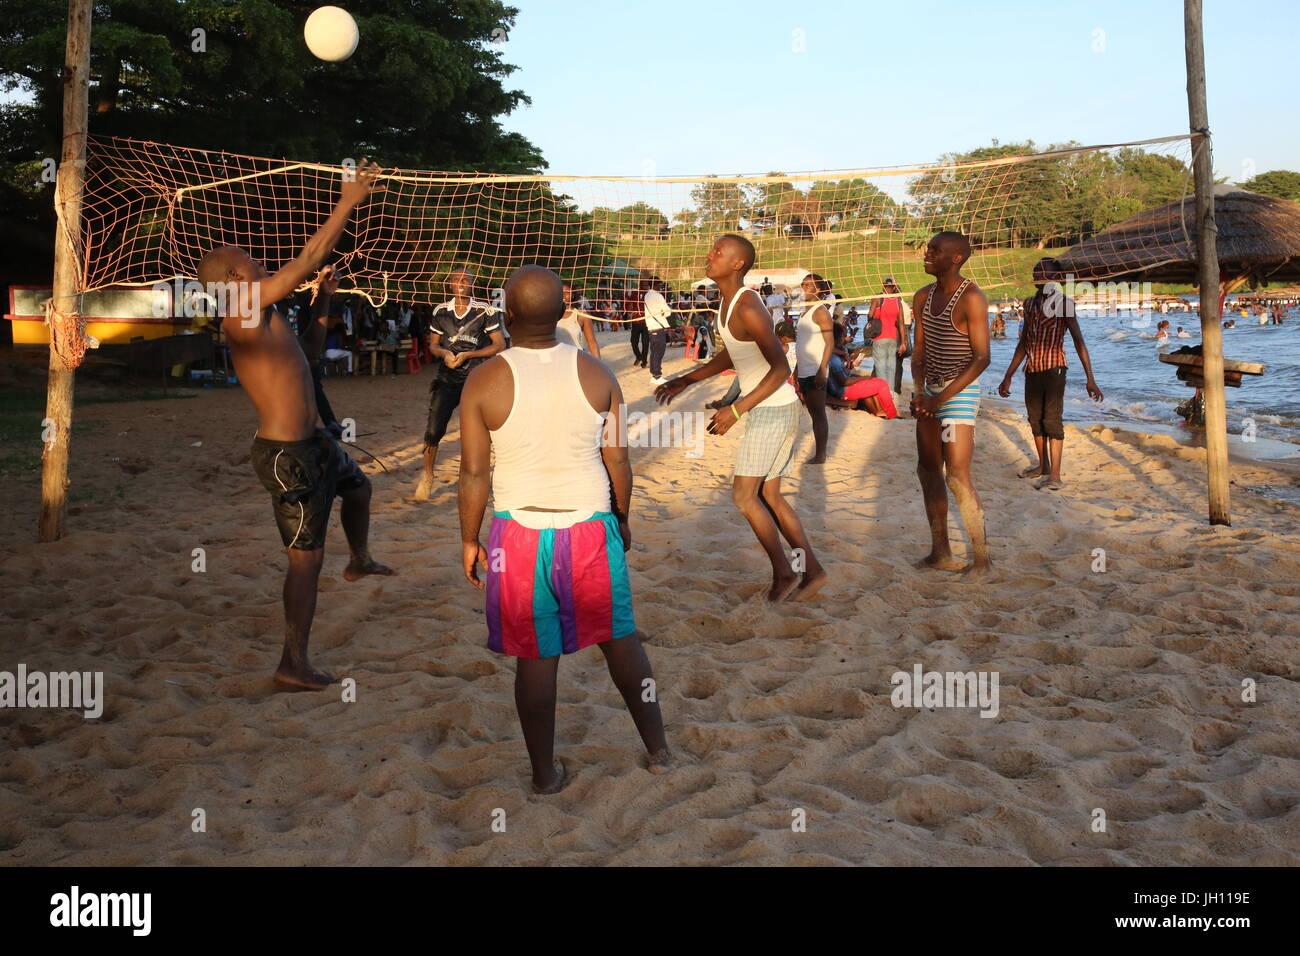 Spiaggia di Entebbe. Beach volley. Uganda. Immagini Stock